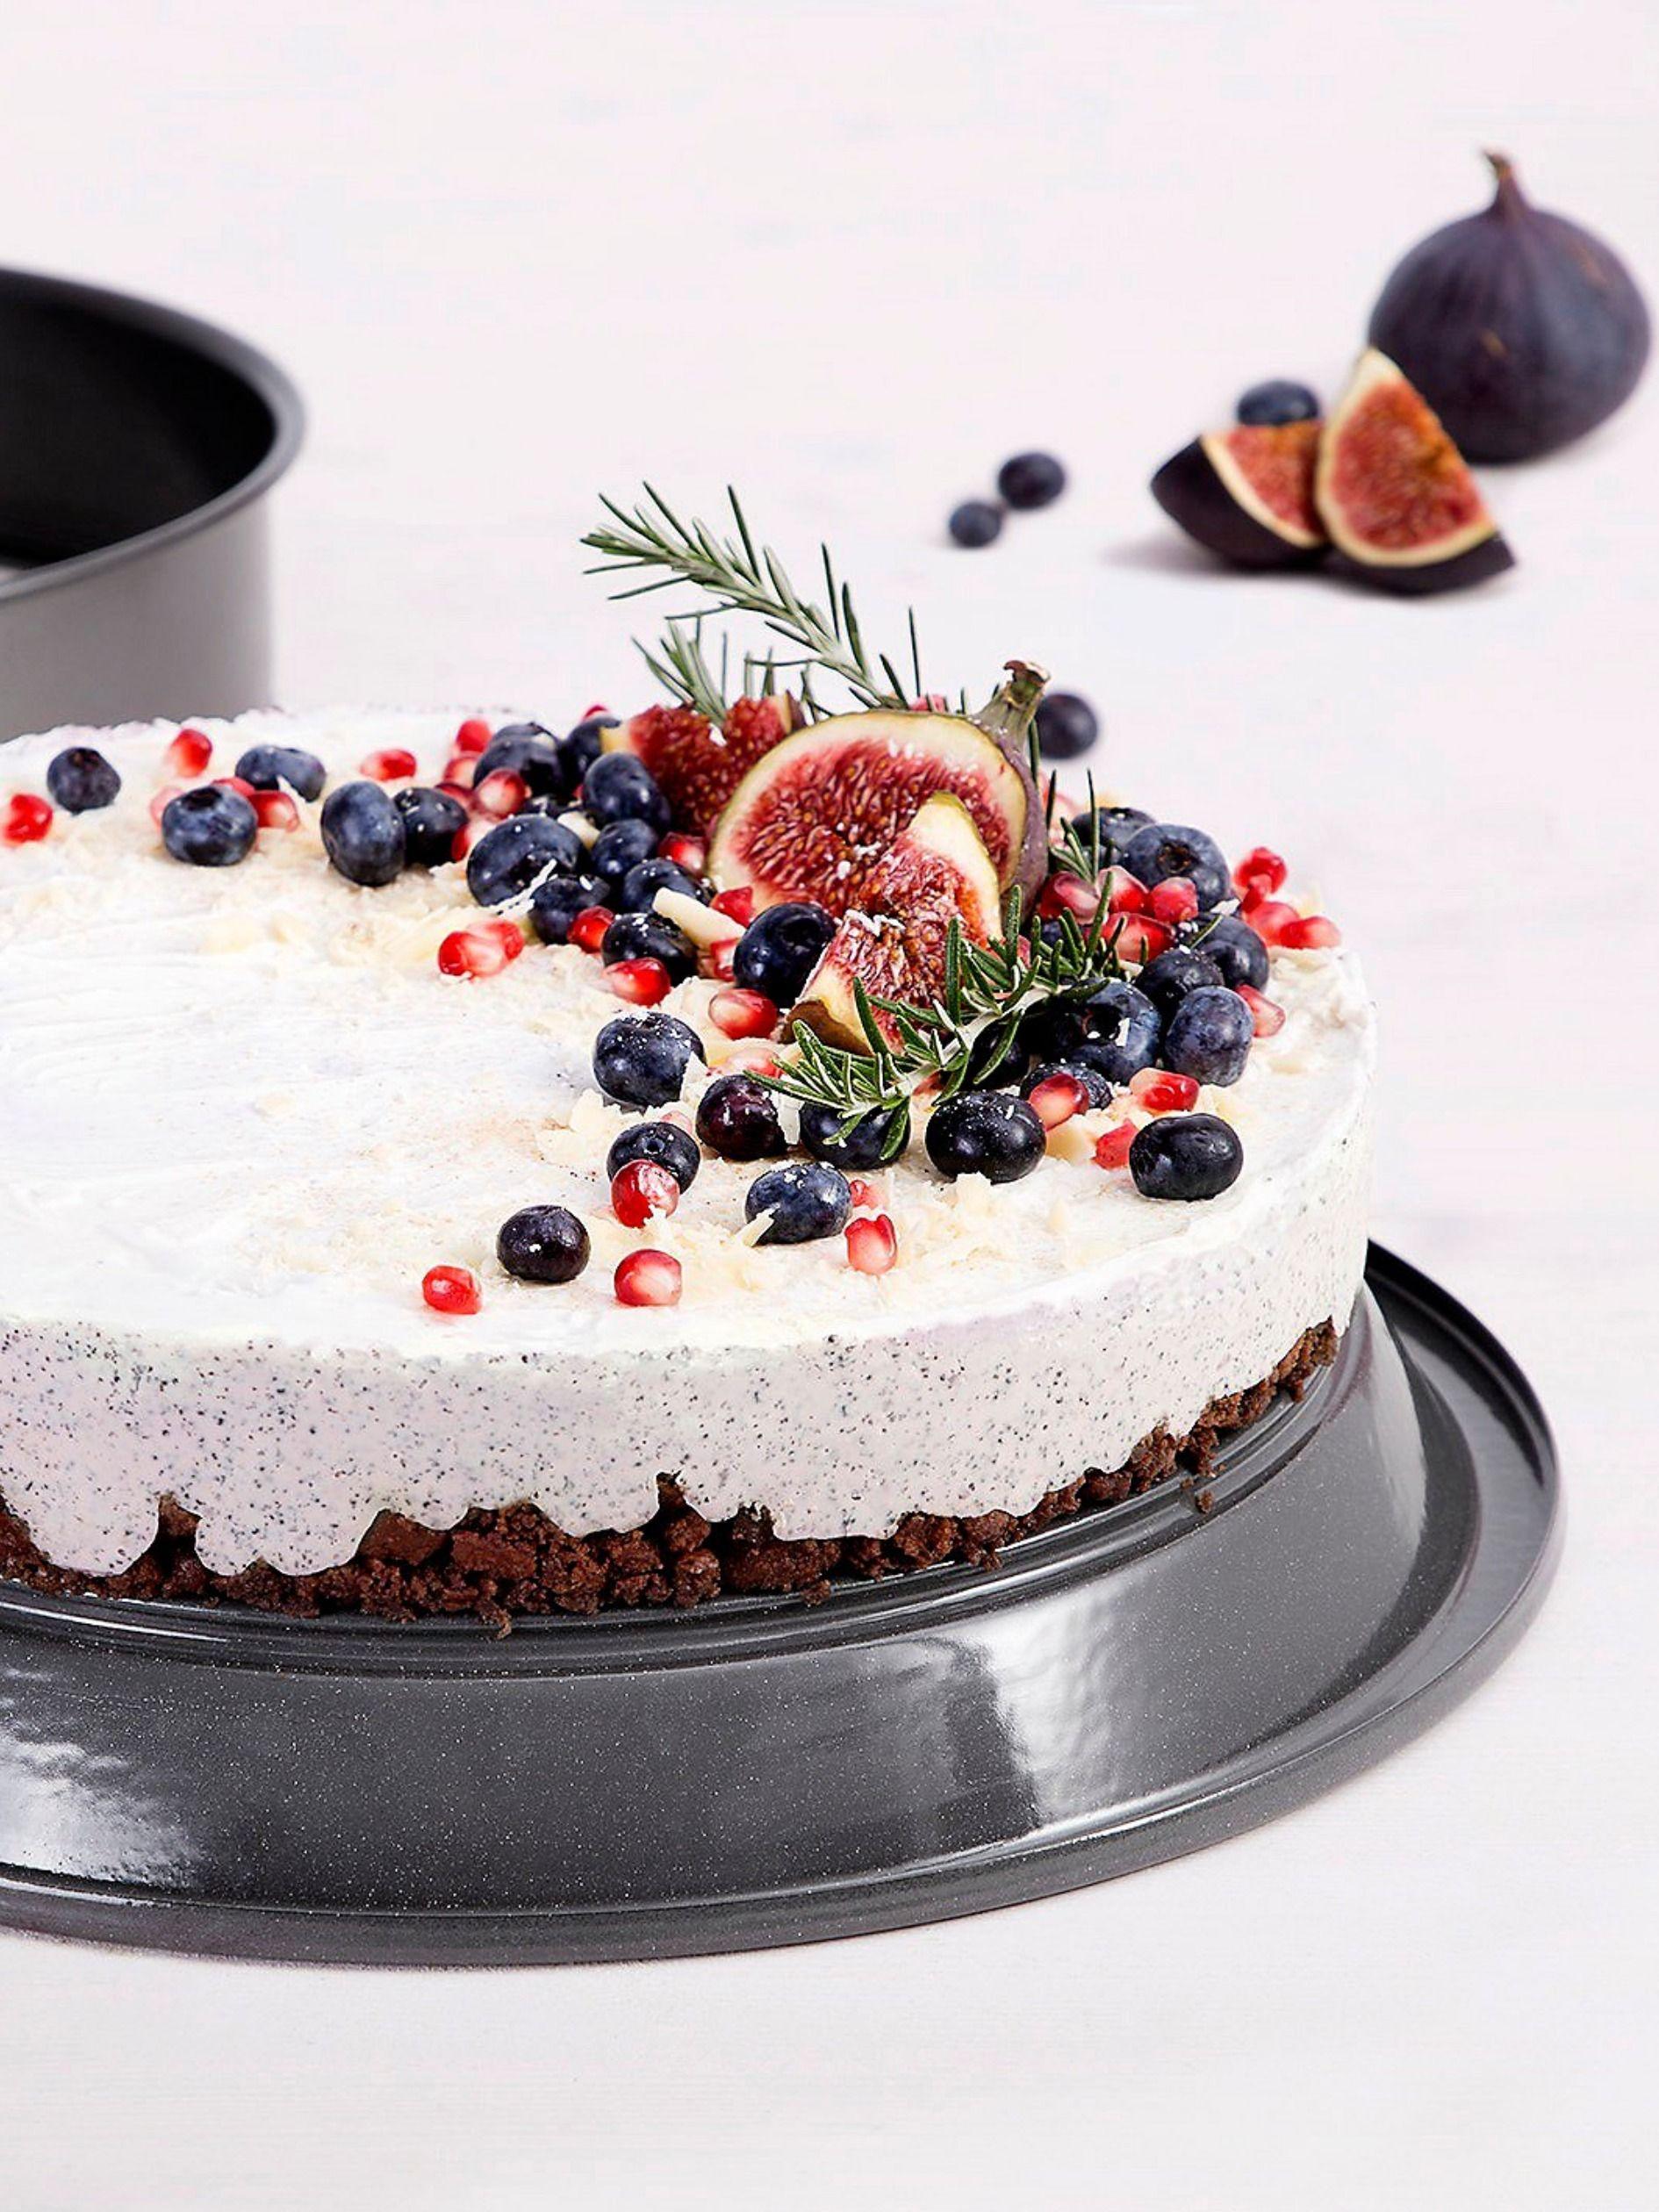 KuchenDuo, 2tlg. jetzt bei Weltbild.de bestellen Kuchen